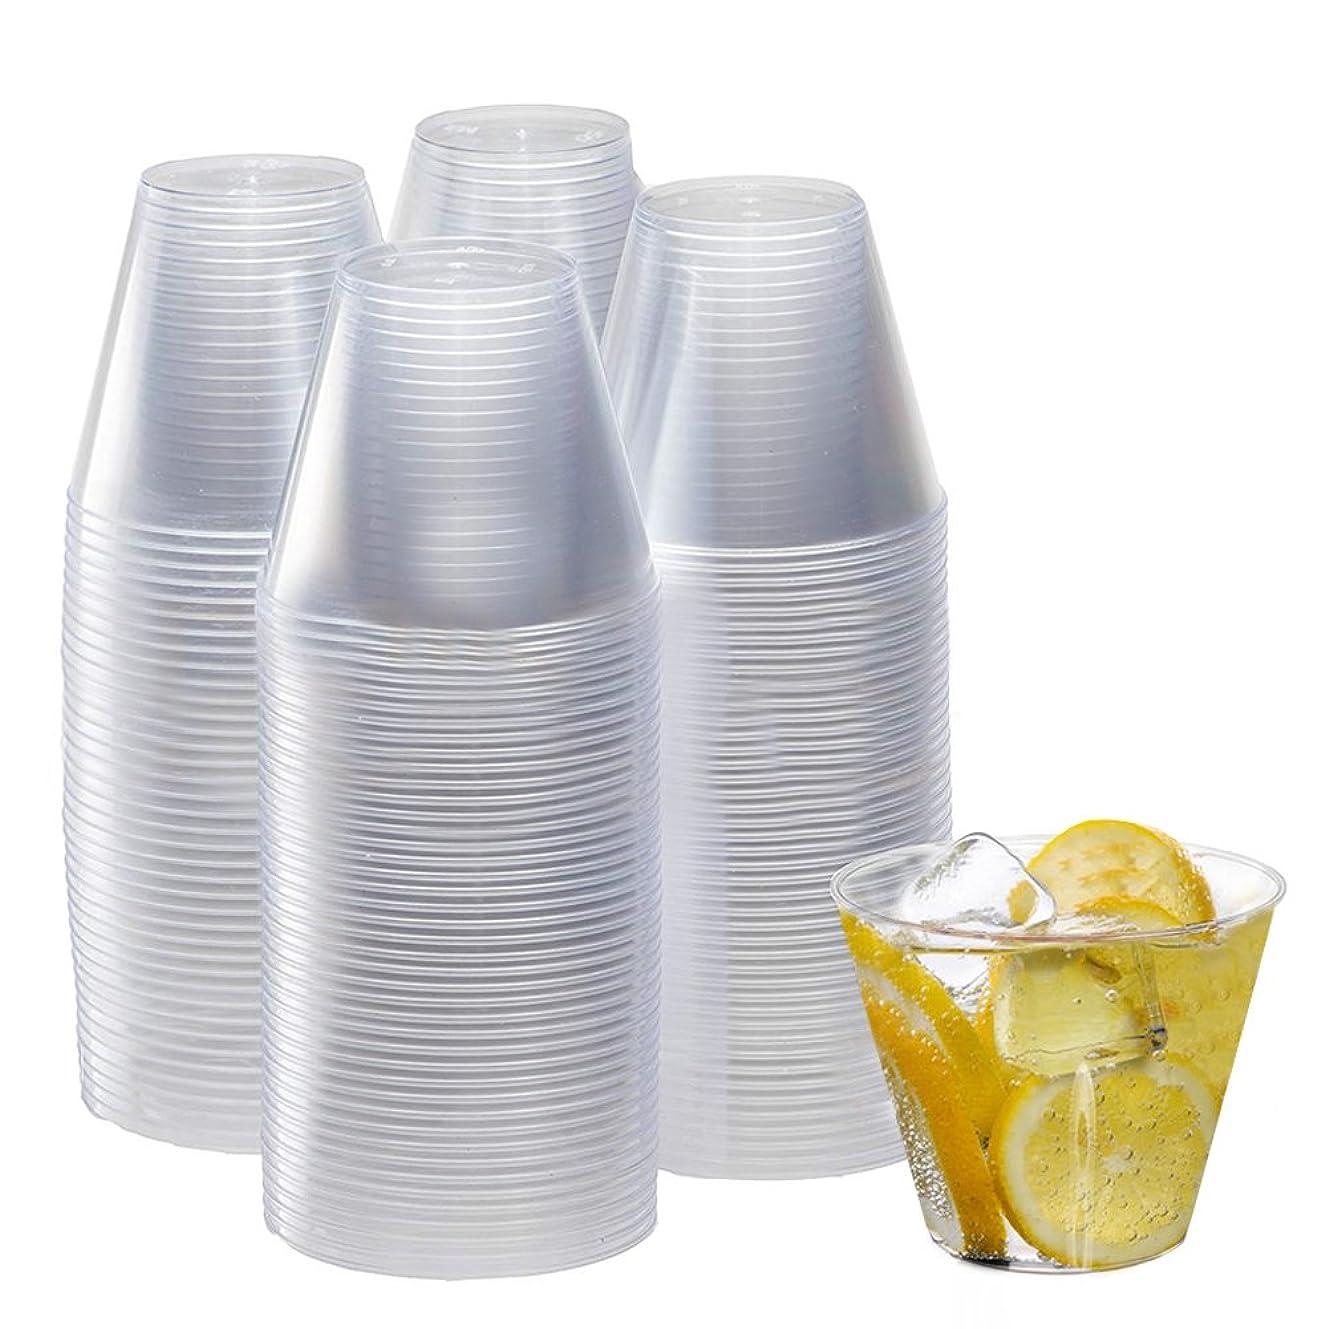 休眠穴便利LEKING 200Ml 硬質 プラスチックカップ 透明 フードカップ デザートカップ サラダカップ キャンプ用 パーティー 試飲用